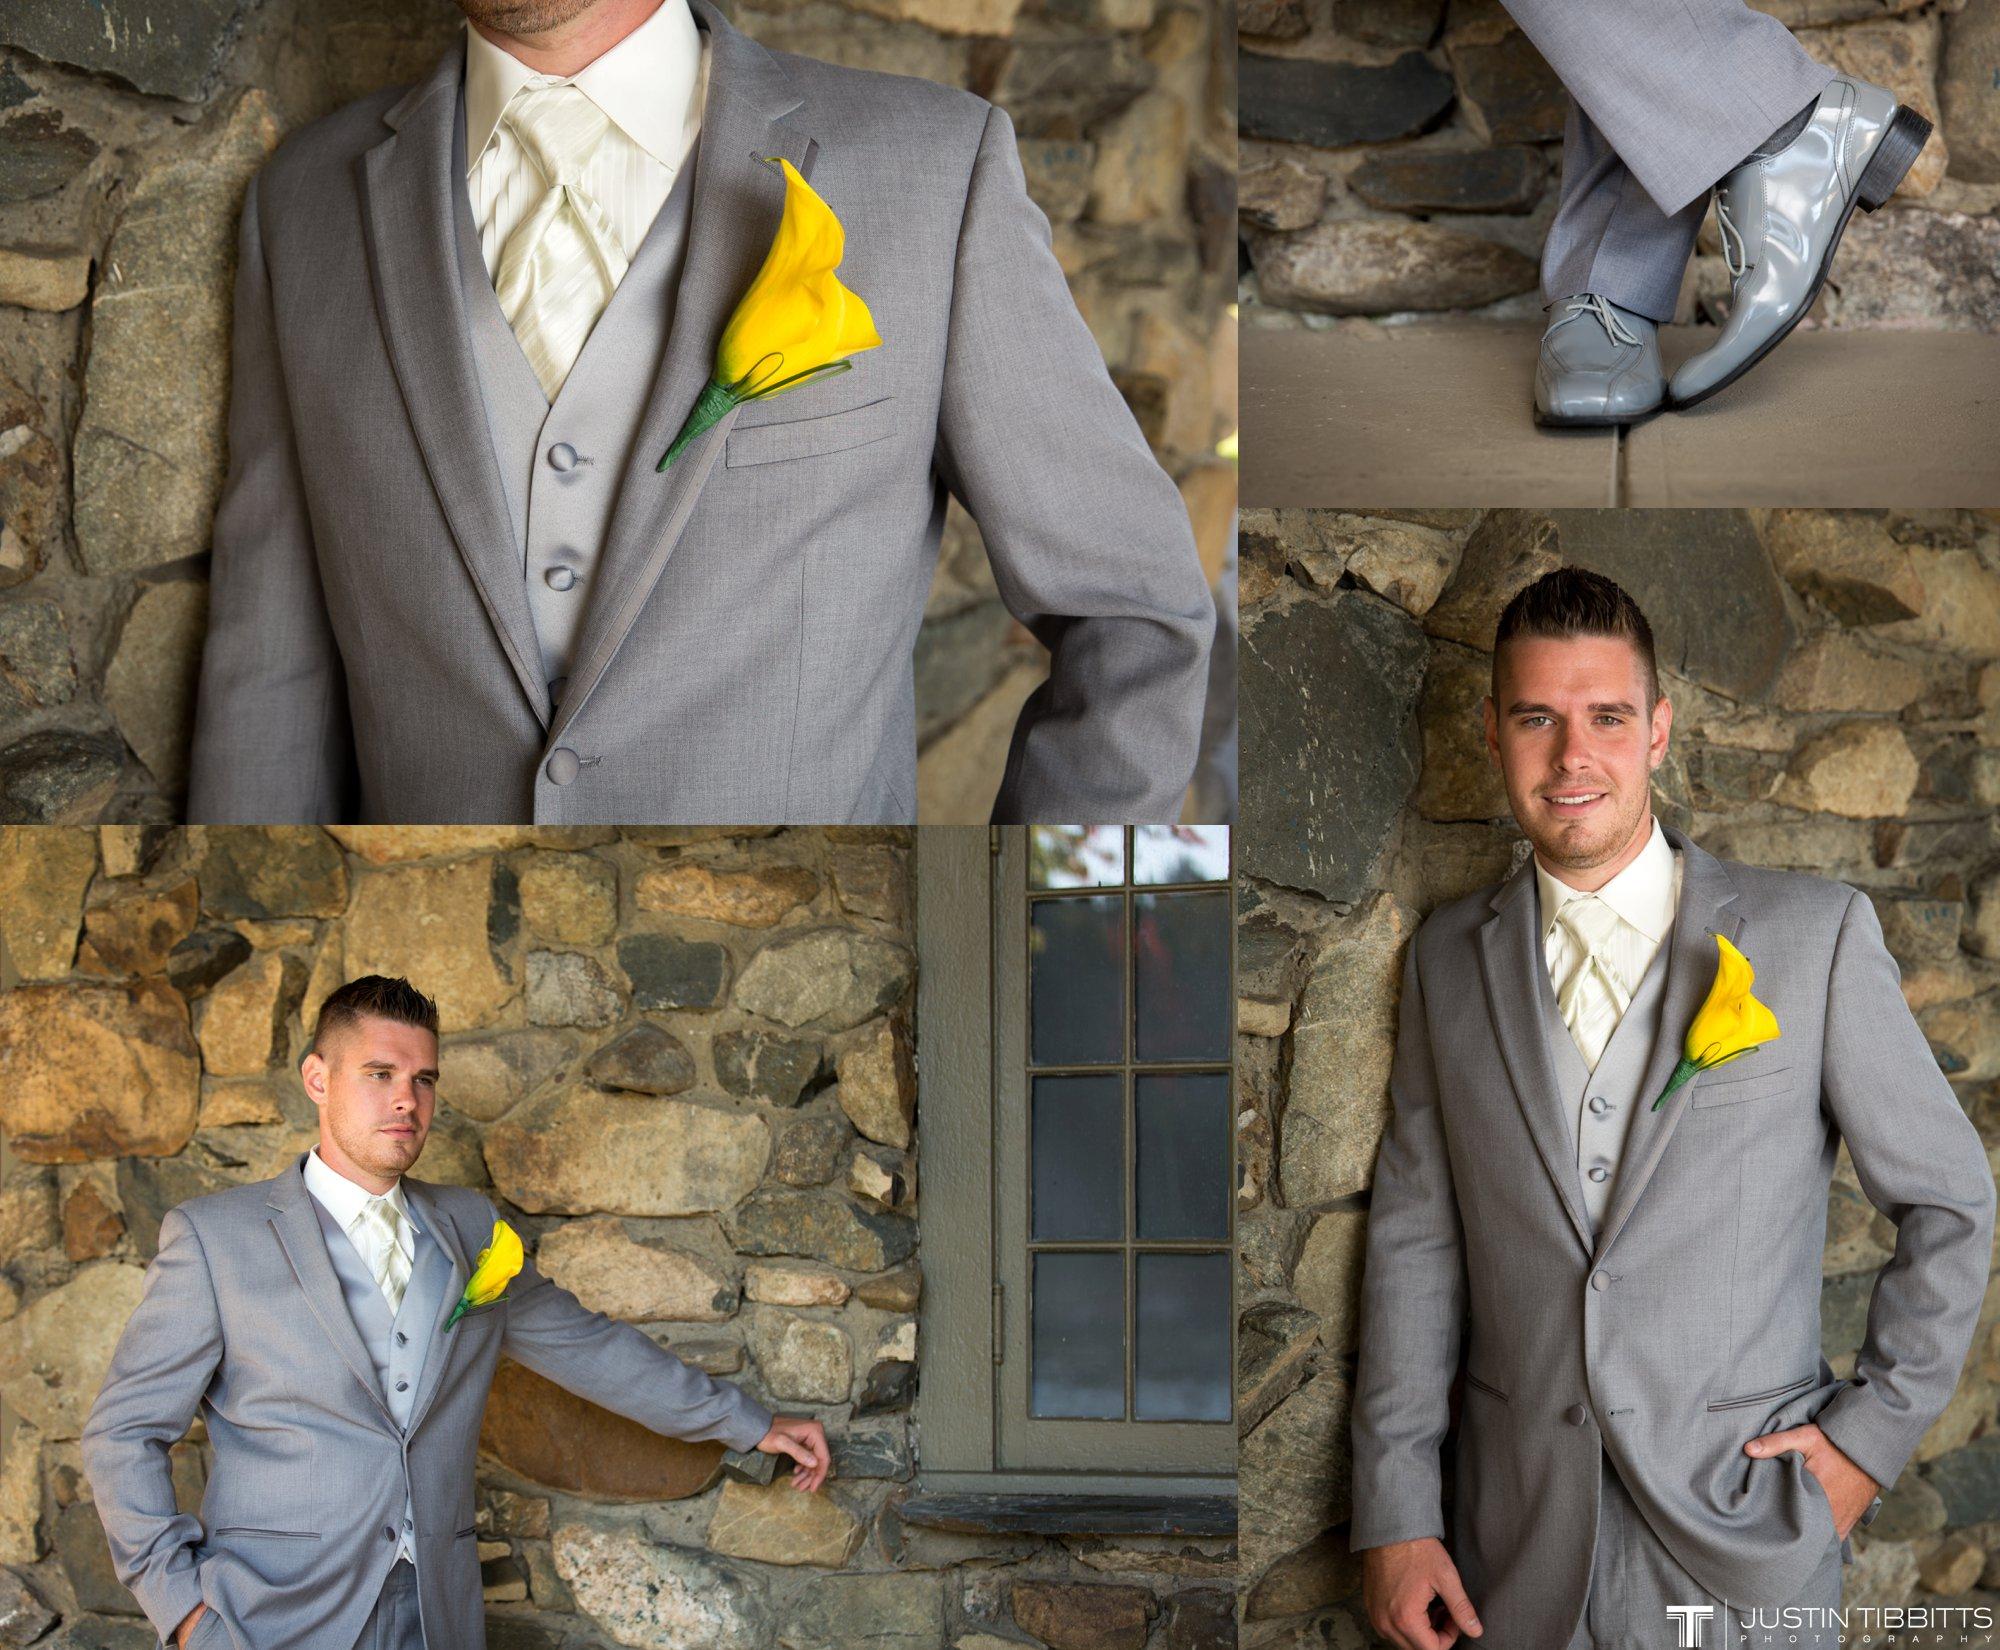 Albany NY Wedding Photographer Justin Tibbitts Photography 2014 Best of Albany NY Weddings-2440